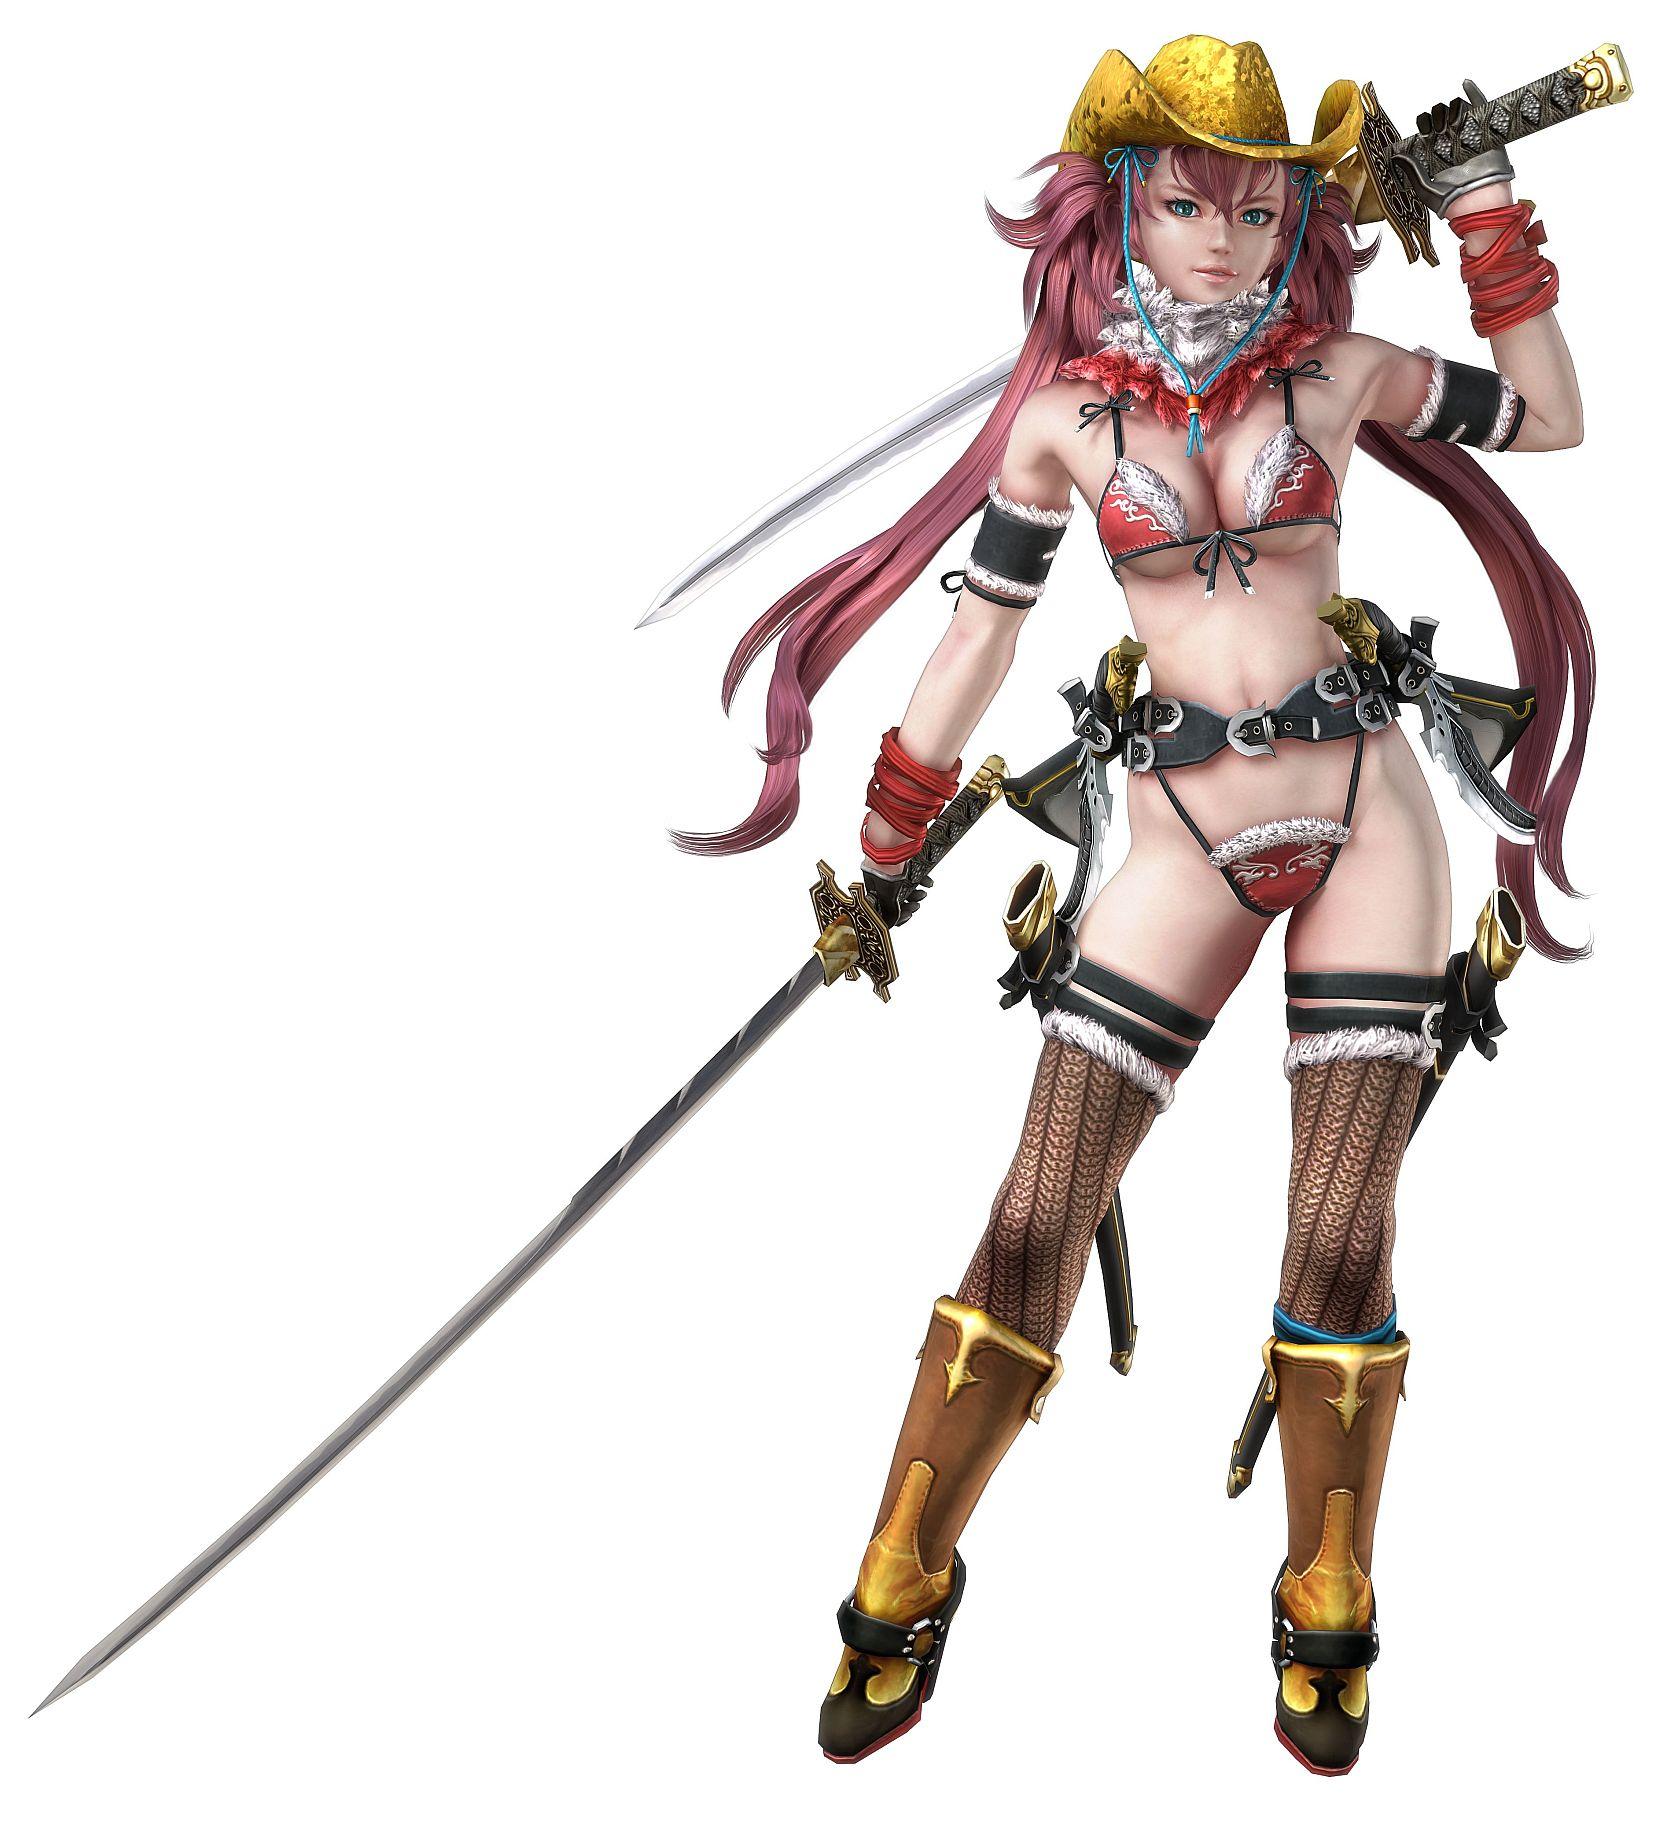 一个美女带着白色帽子可以拿武士可以用什么游戏